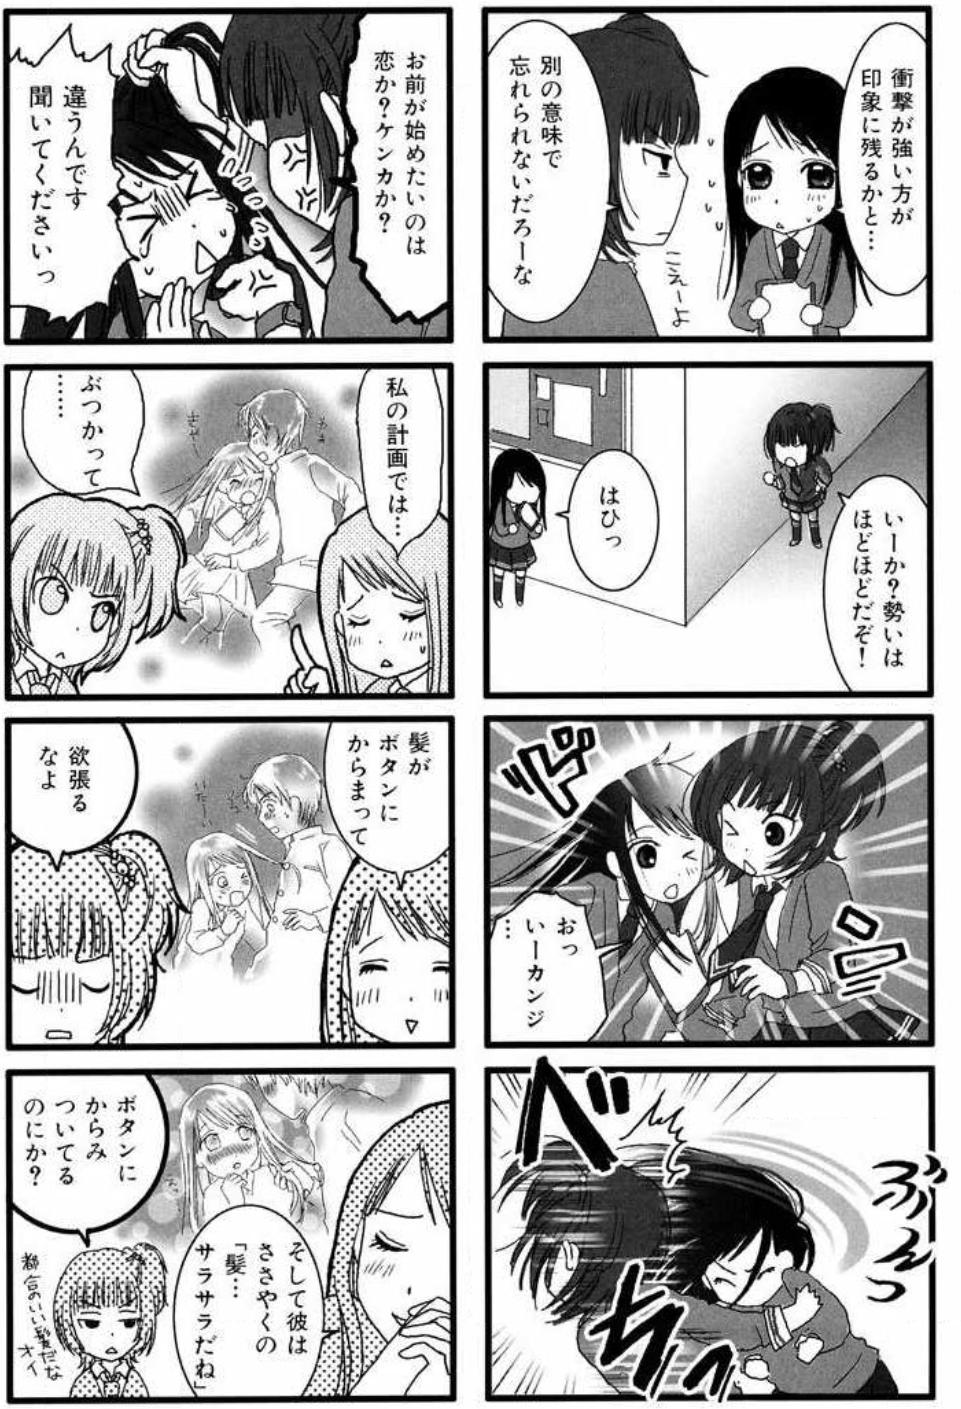 漫画『恋愛ラボ』の魅力1:恋に恋する乙女たちのドタバタ実践がおもしろい!